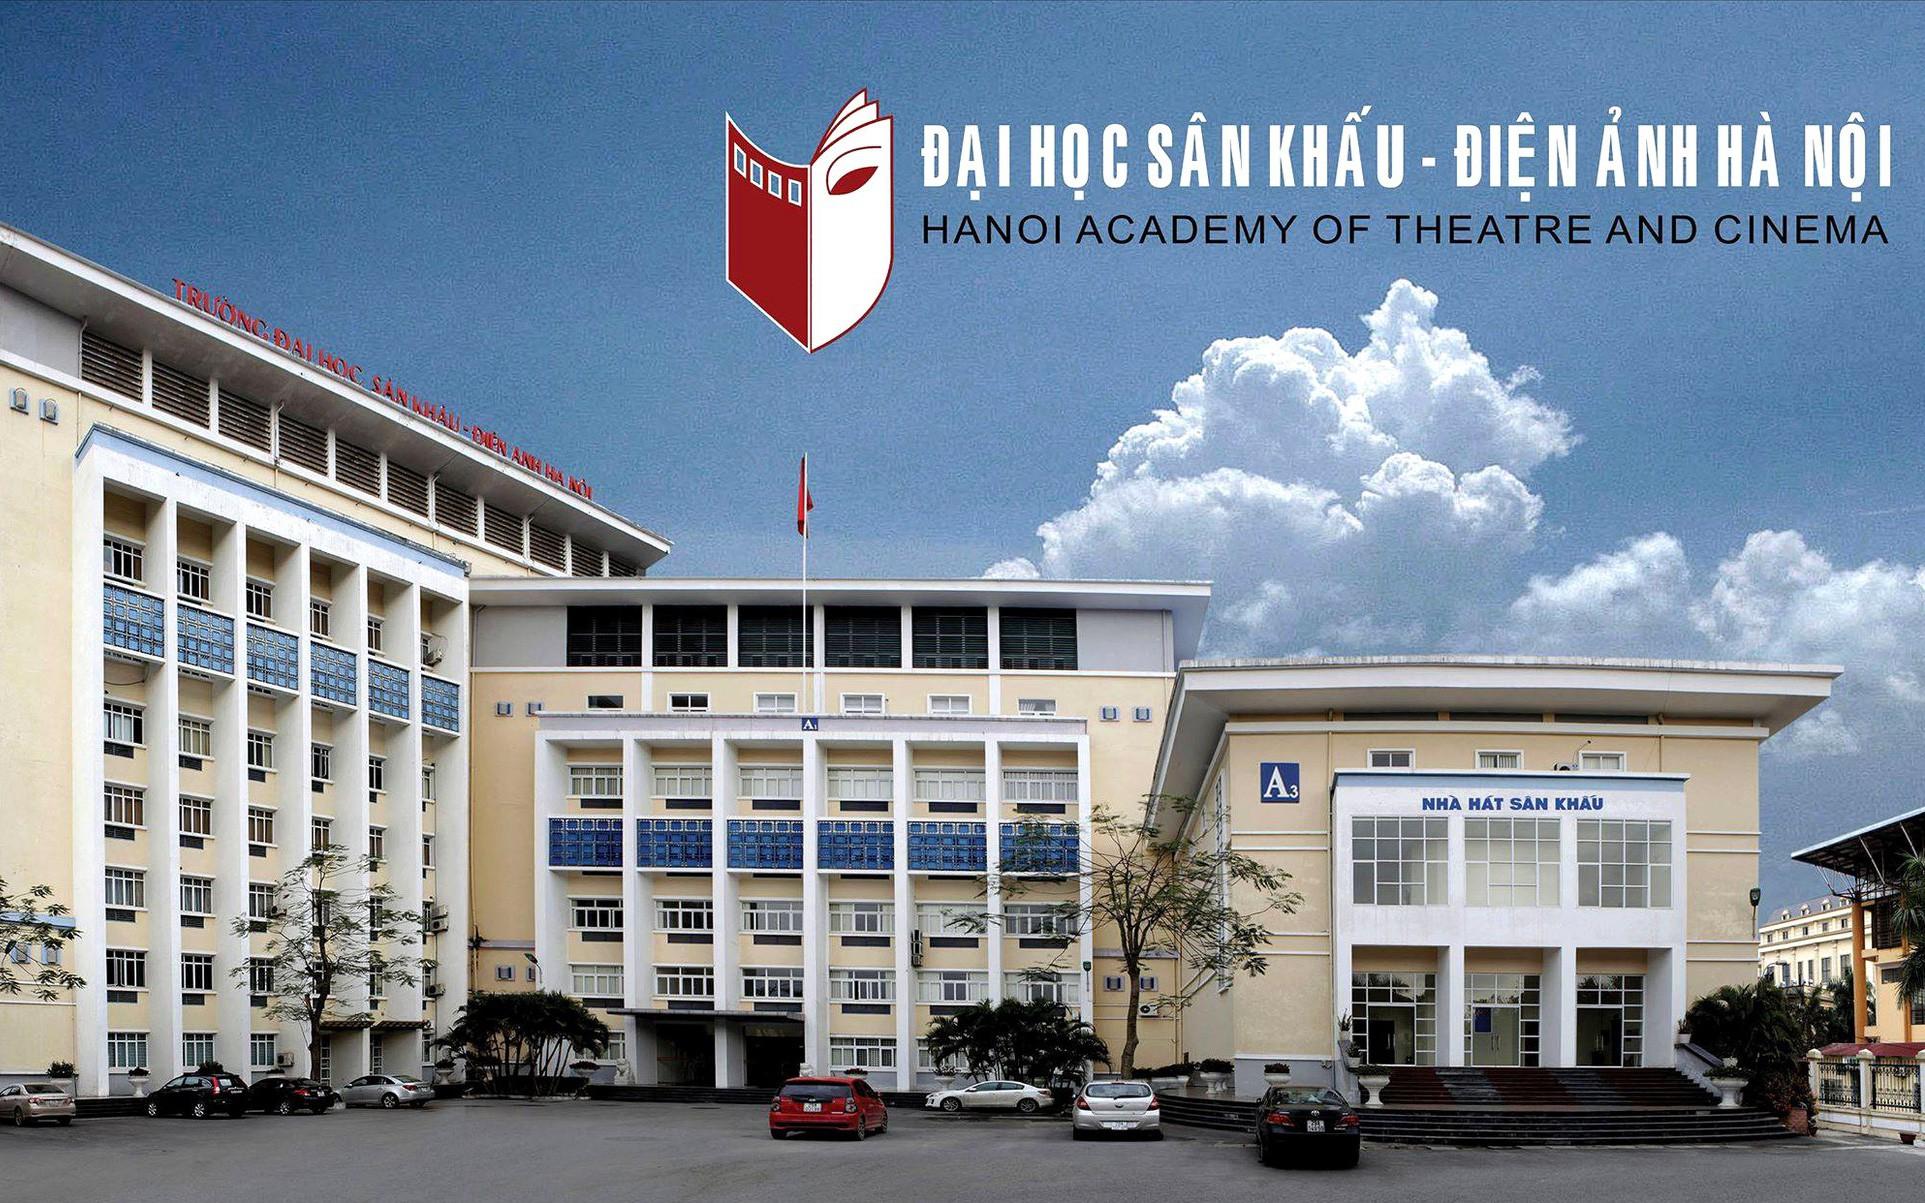 Trường ĐH Sân khấu Điện ảnh Hà Nội tuyển 496 chỉ tiêu đại học năm 2019